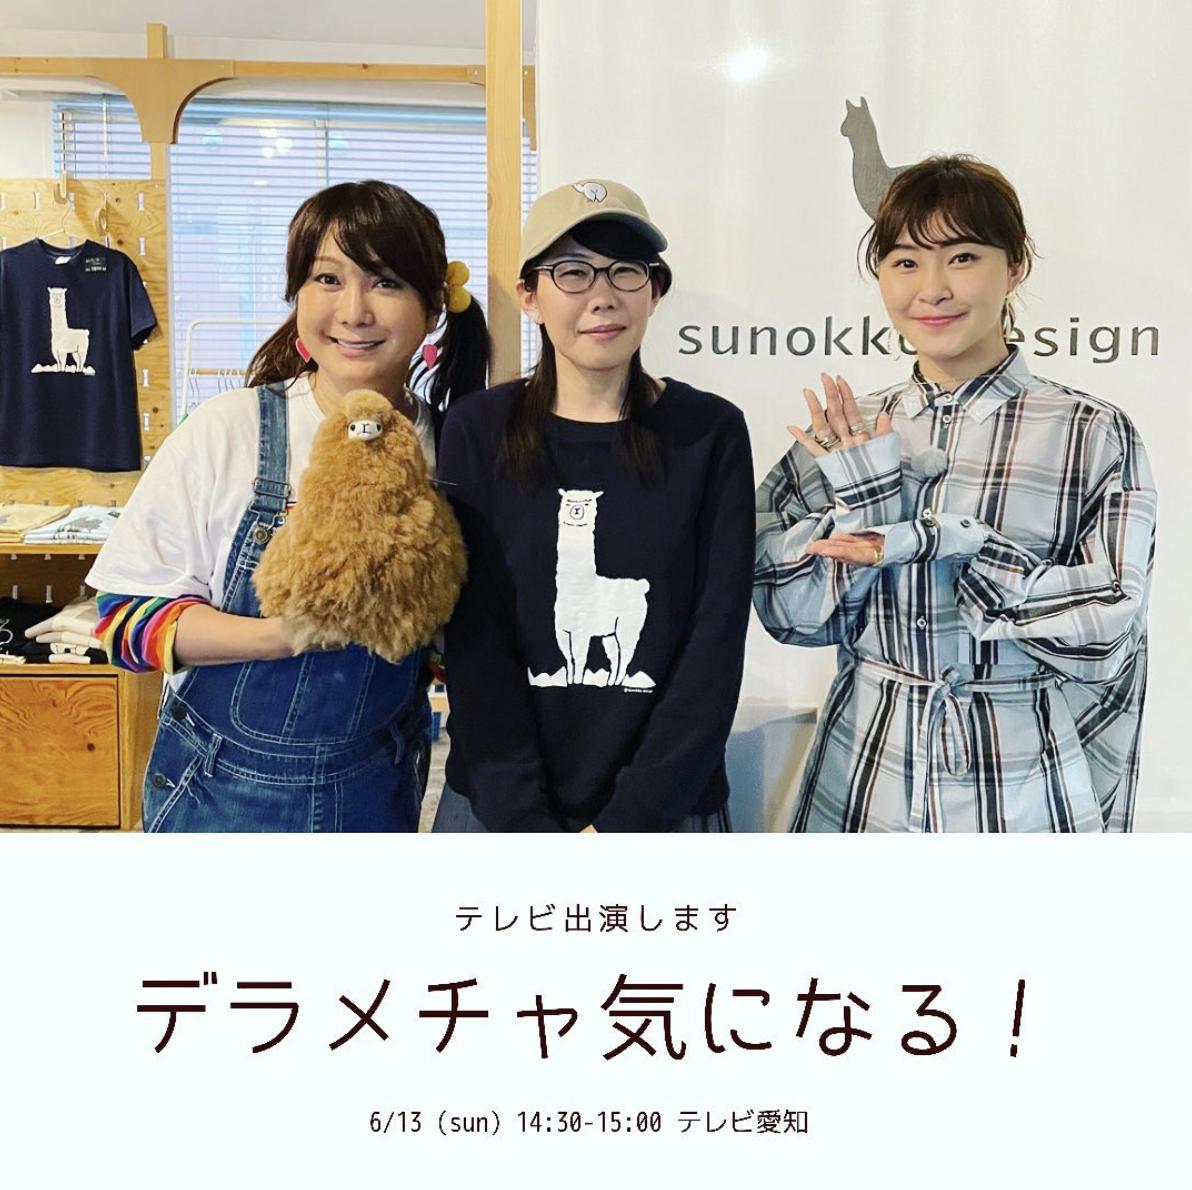 メディア出演 :テレビ愛知「デラメチャ気になる!」6/13(日)放送です